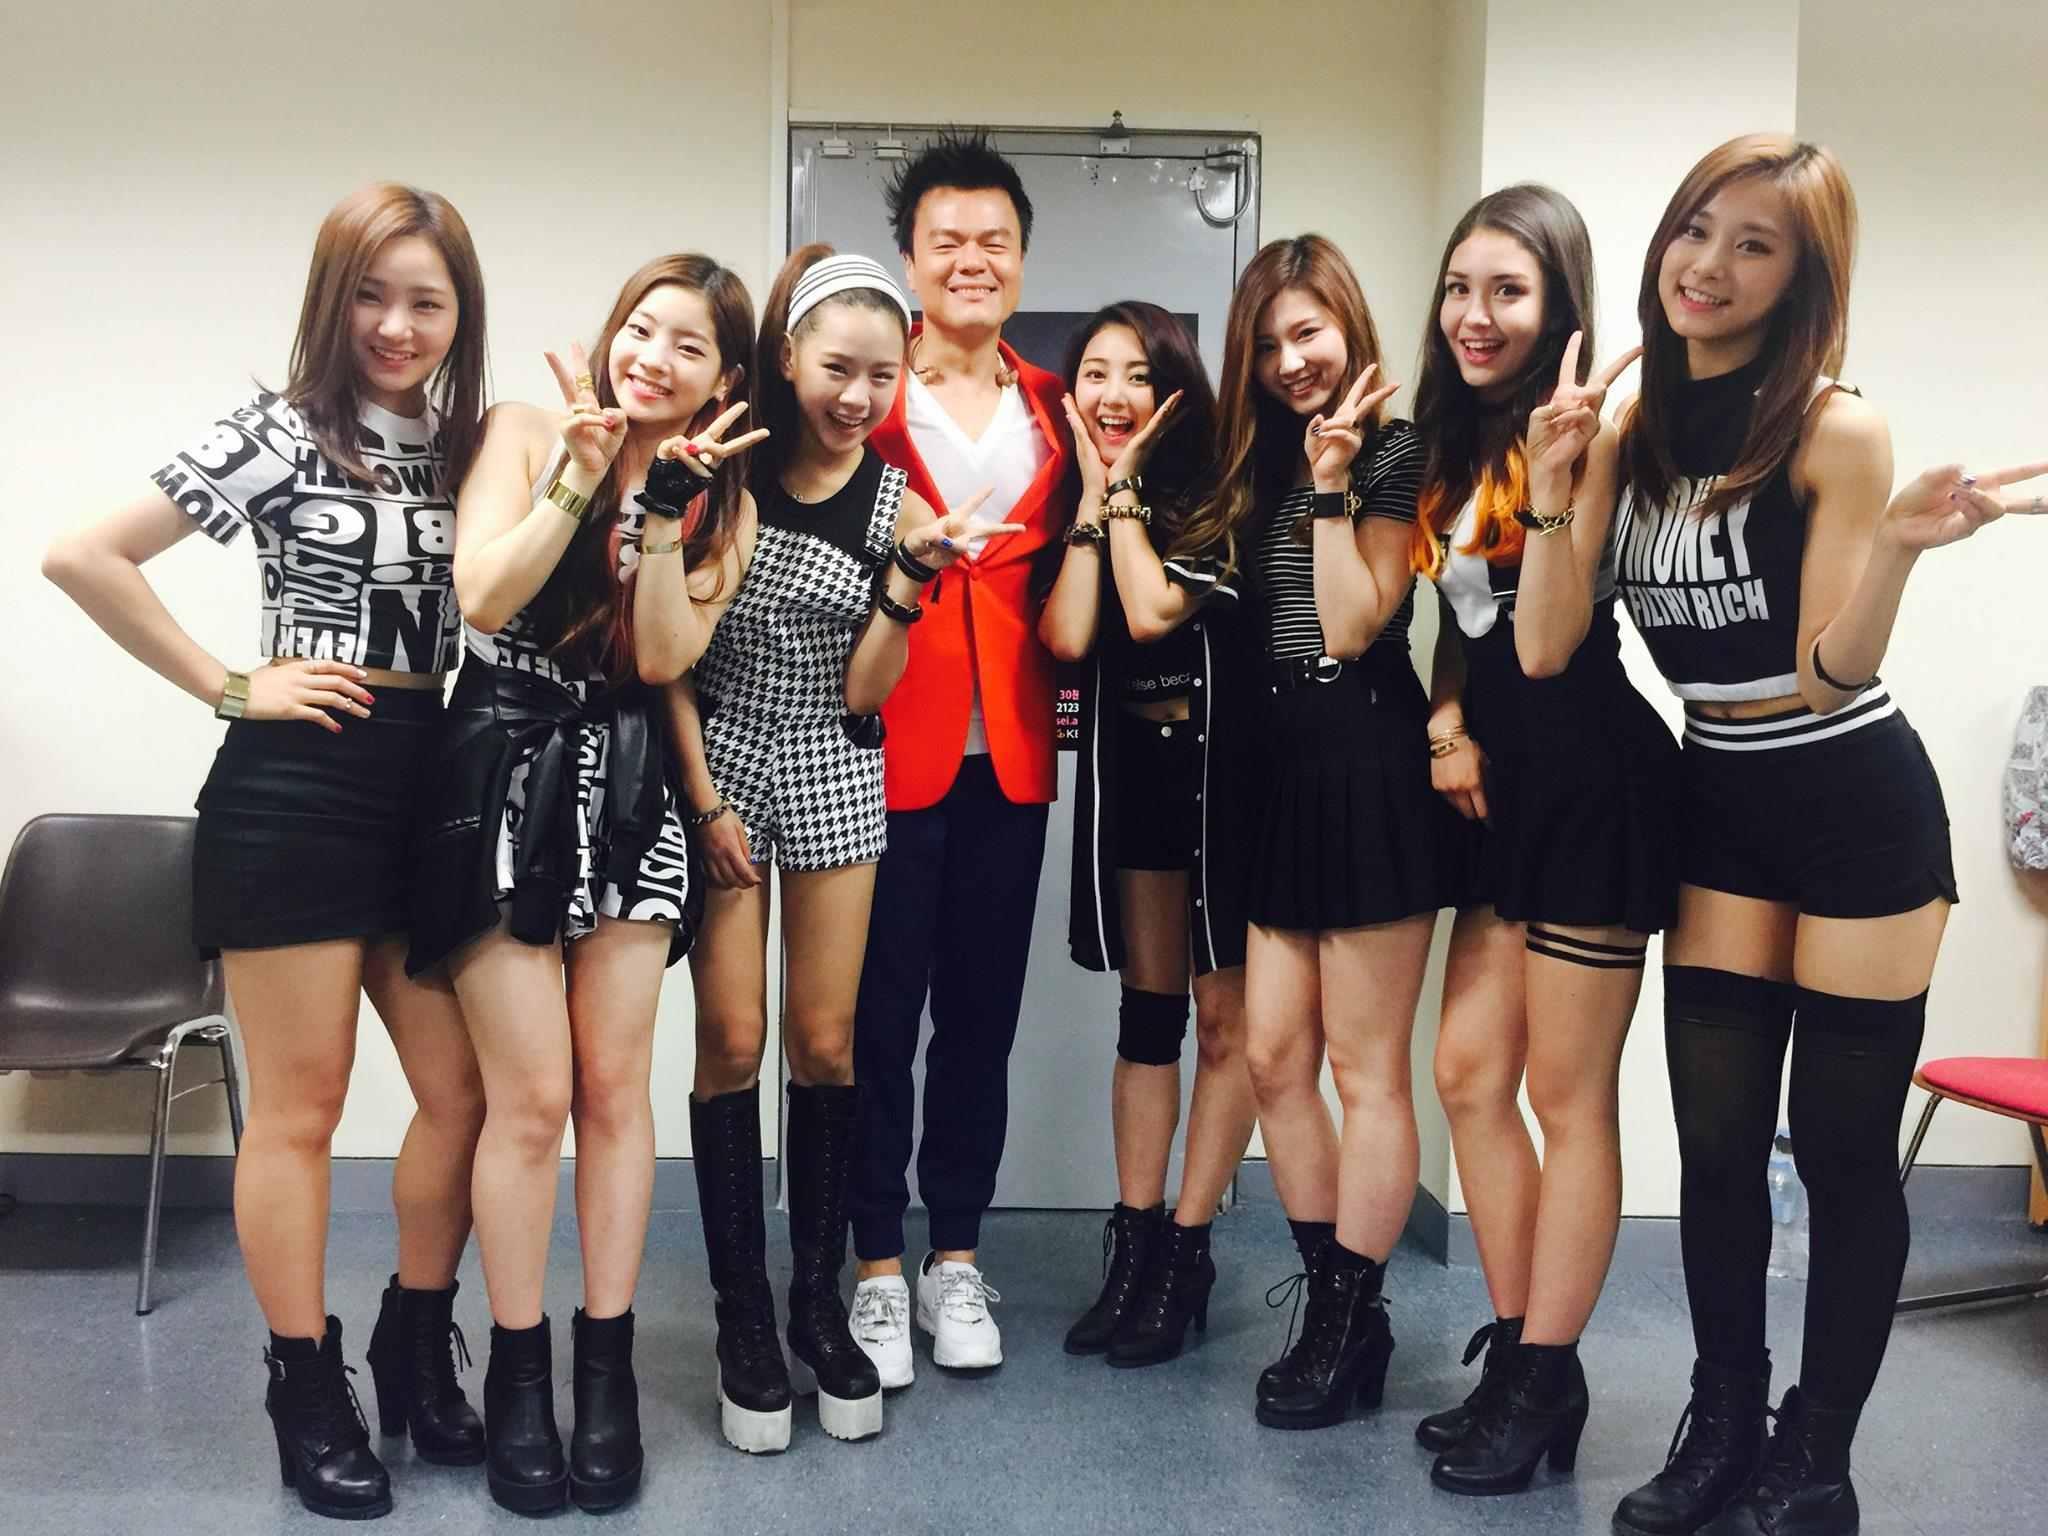 因此在出道前遇到兩次女團出道又生變的過程,JYP當時決定改以選秀節目的方式打造旗下繼missA之後5年再度推出的女團,而該節目就是大家熟知的TWICE出道節目《Sixteen》